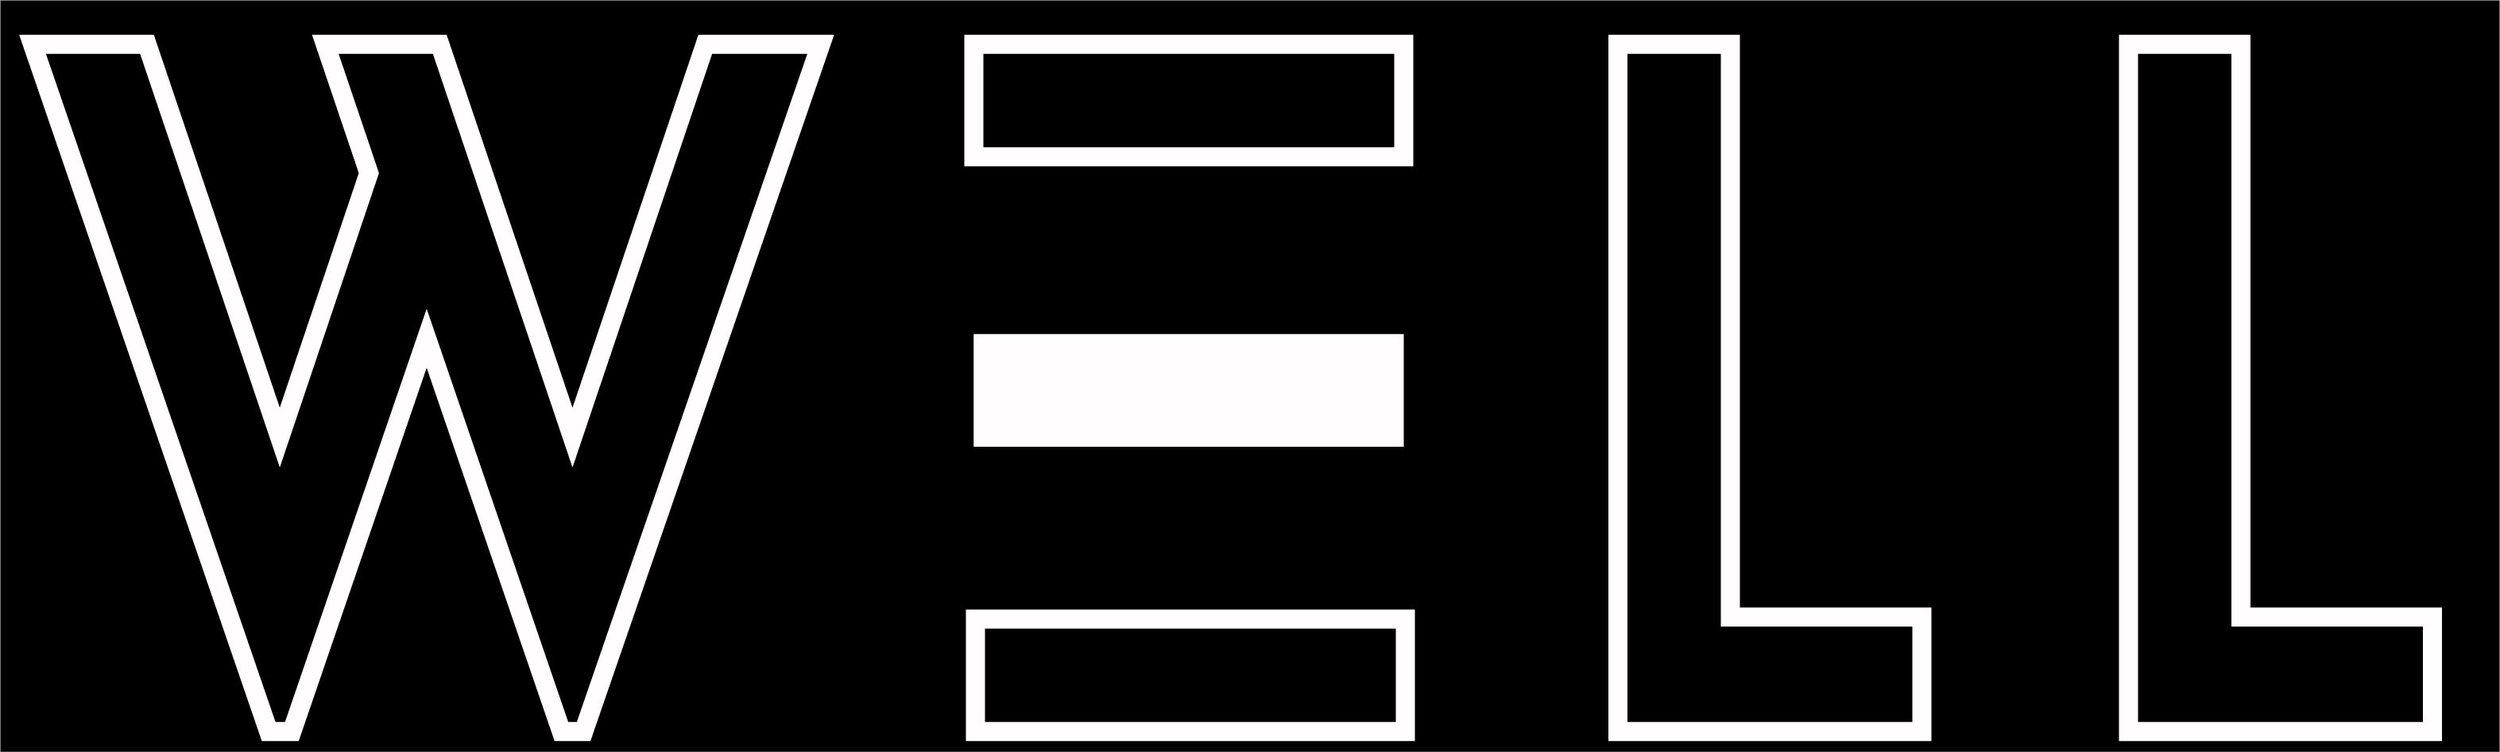 Black Outline.jpg